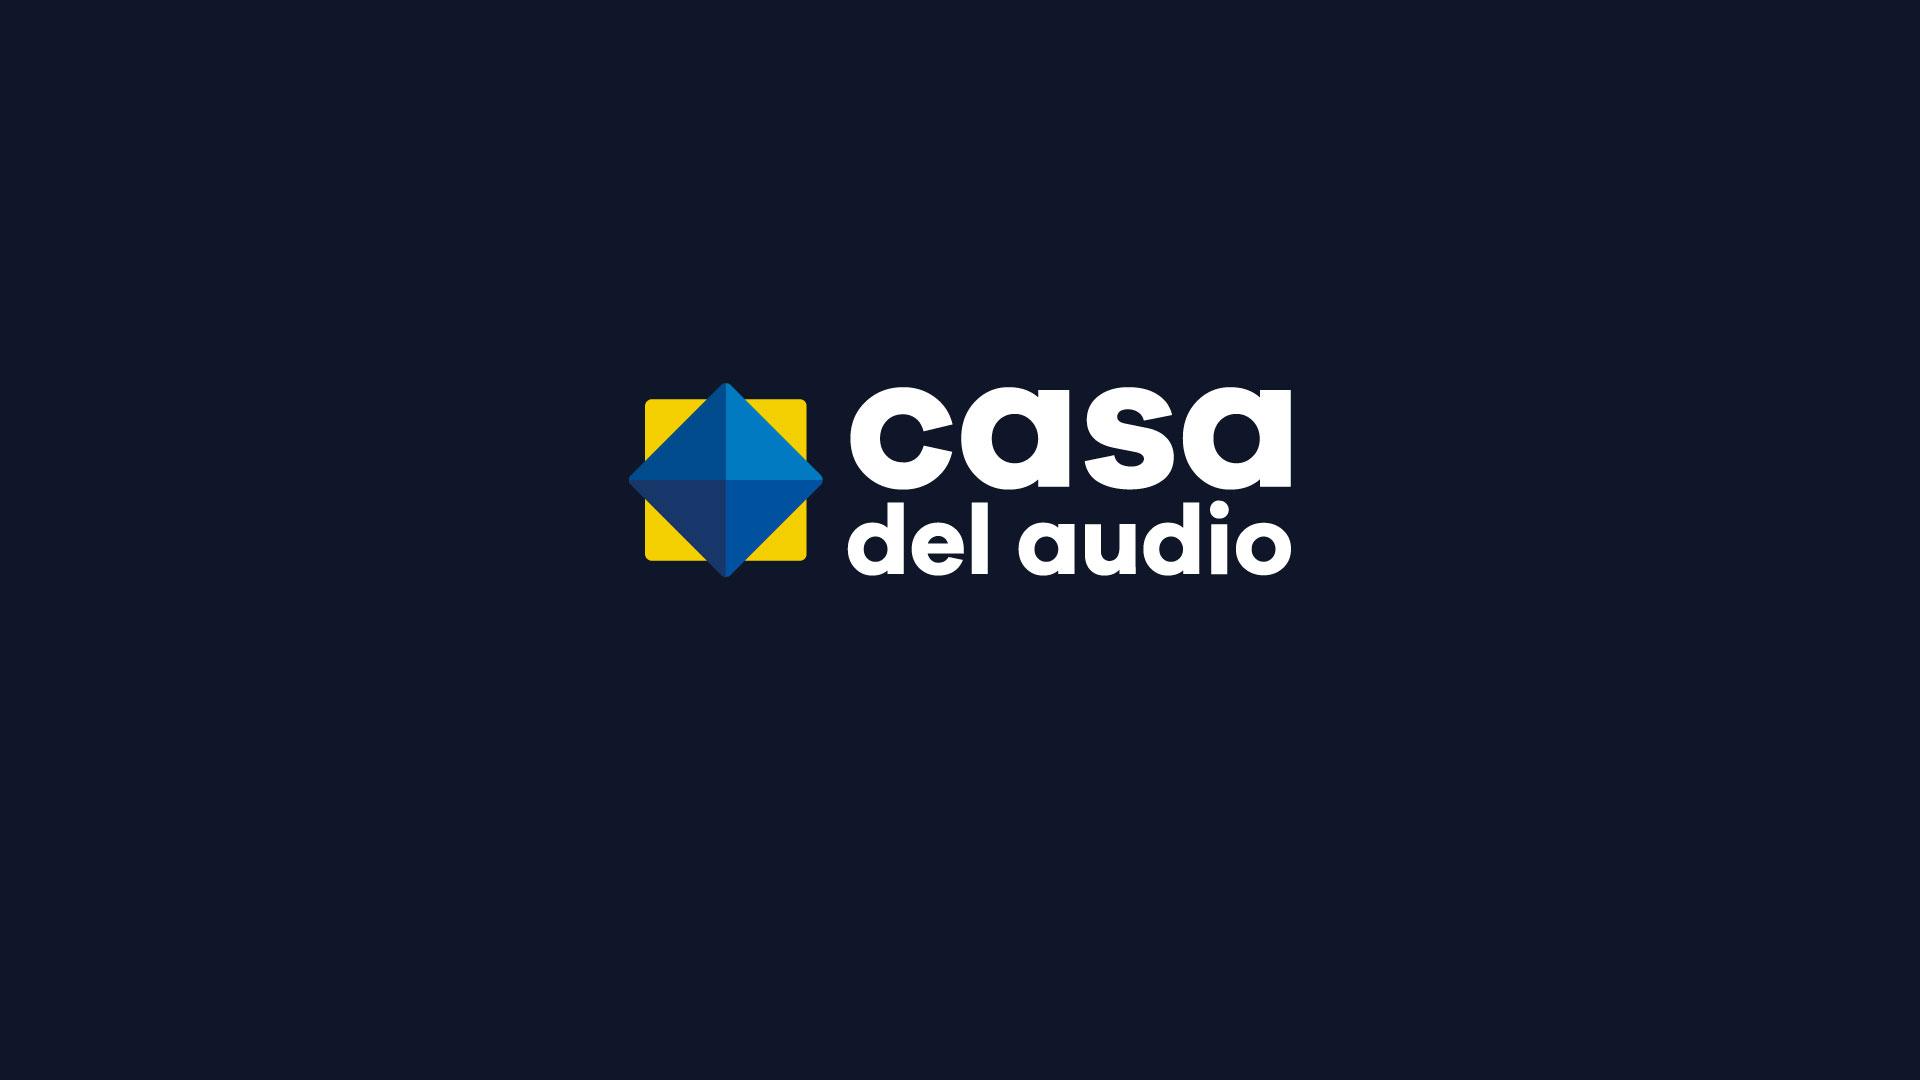 La empresa argentina que ya no sufre en el Hot Sale ni en el CyberMonday